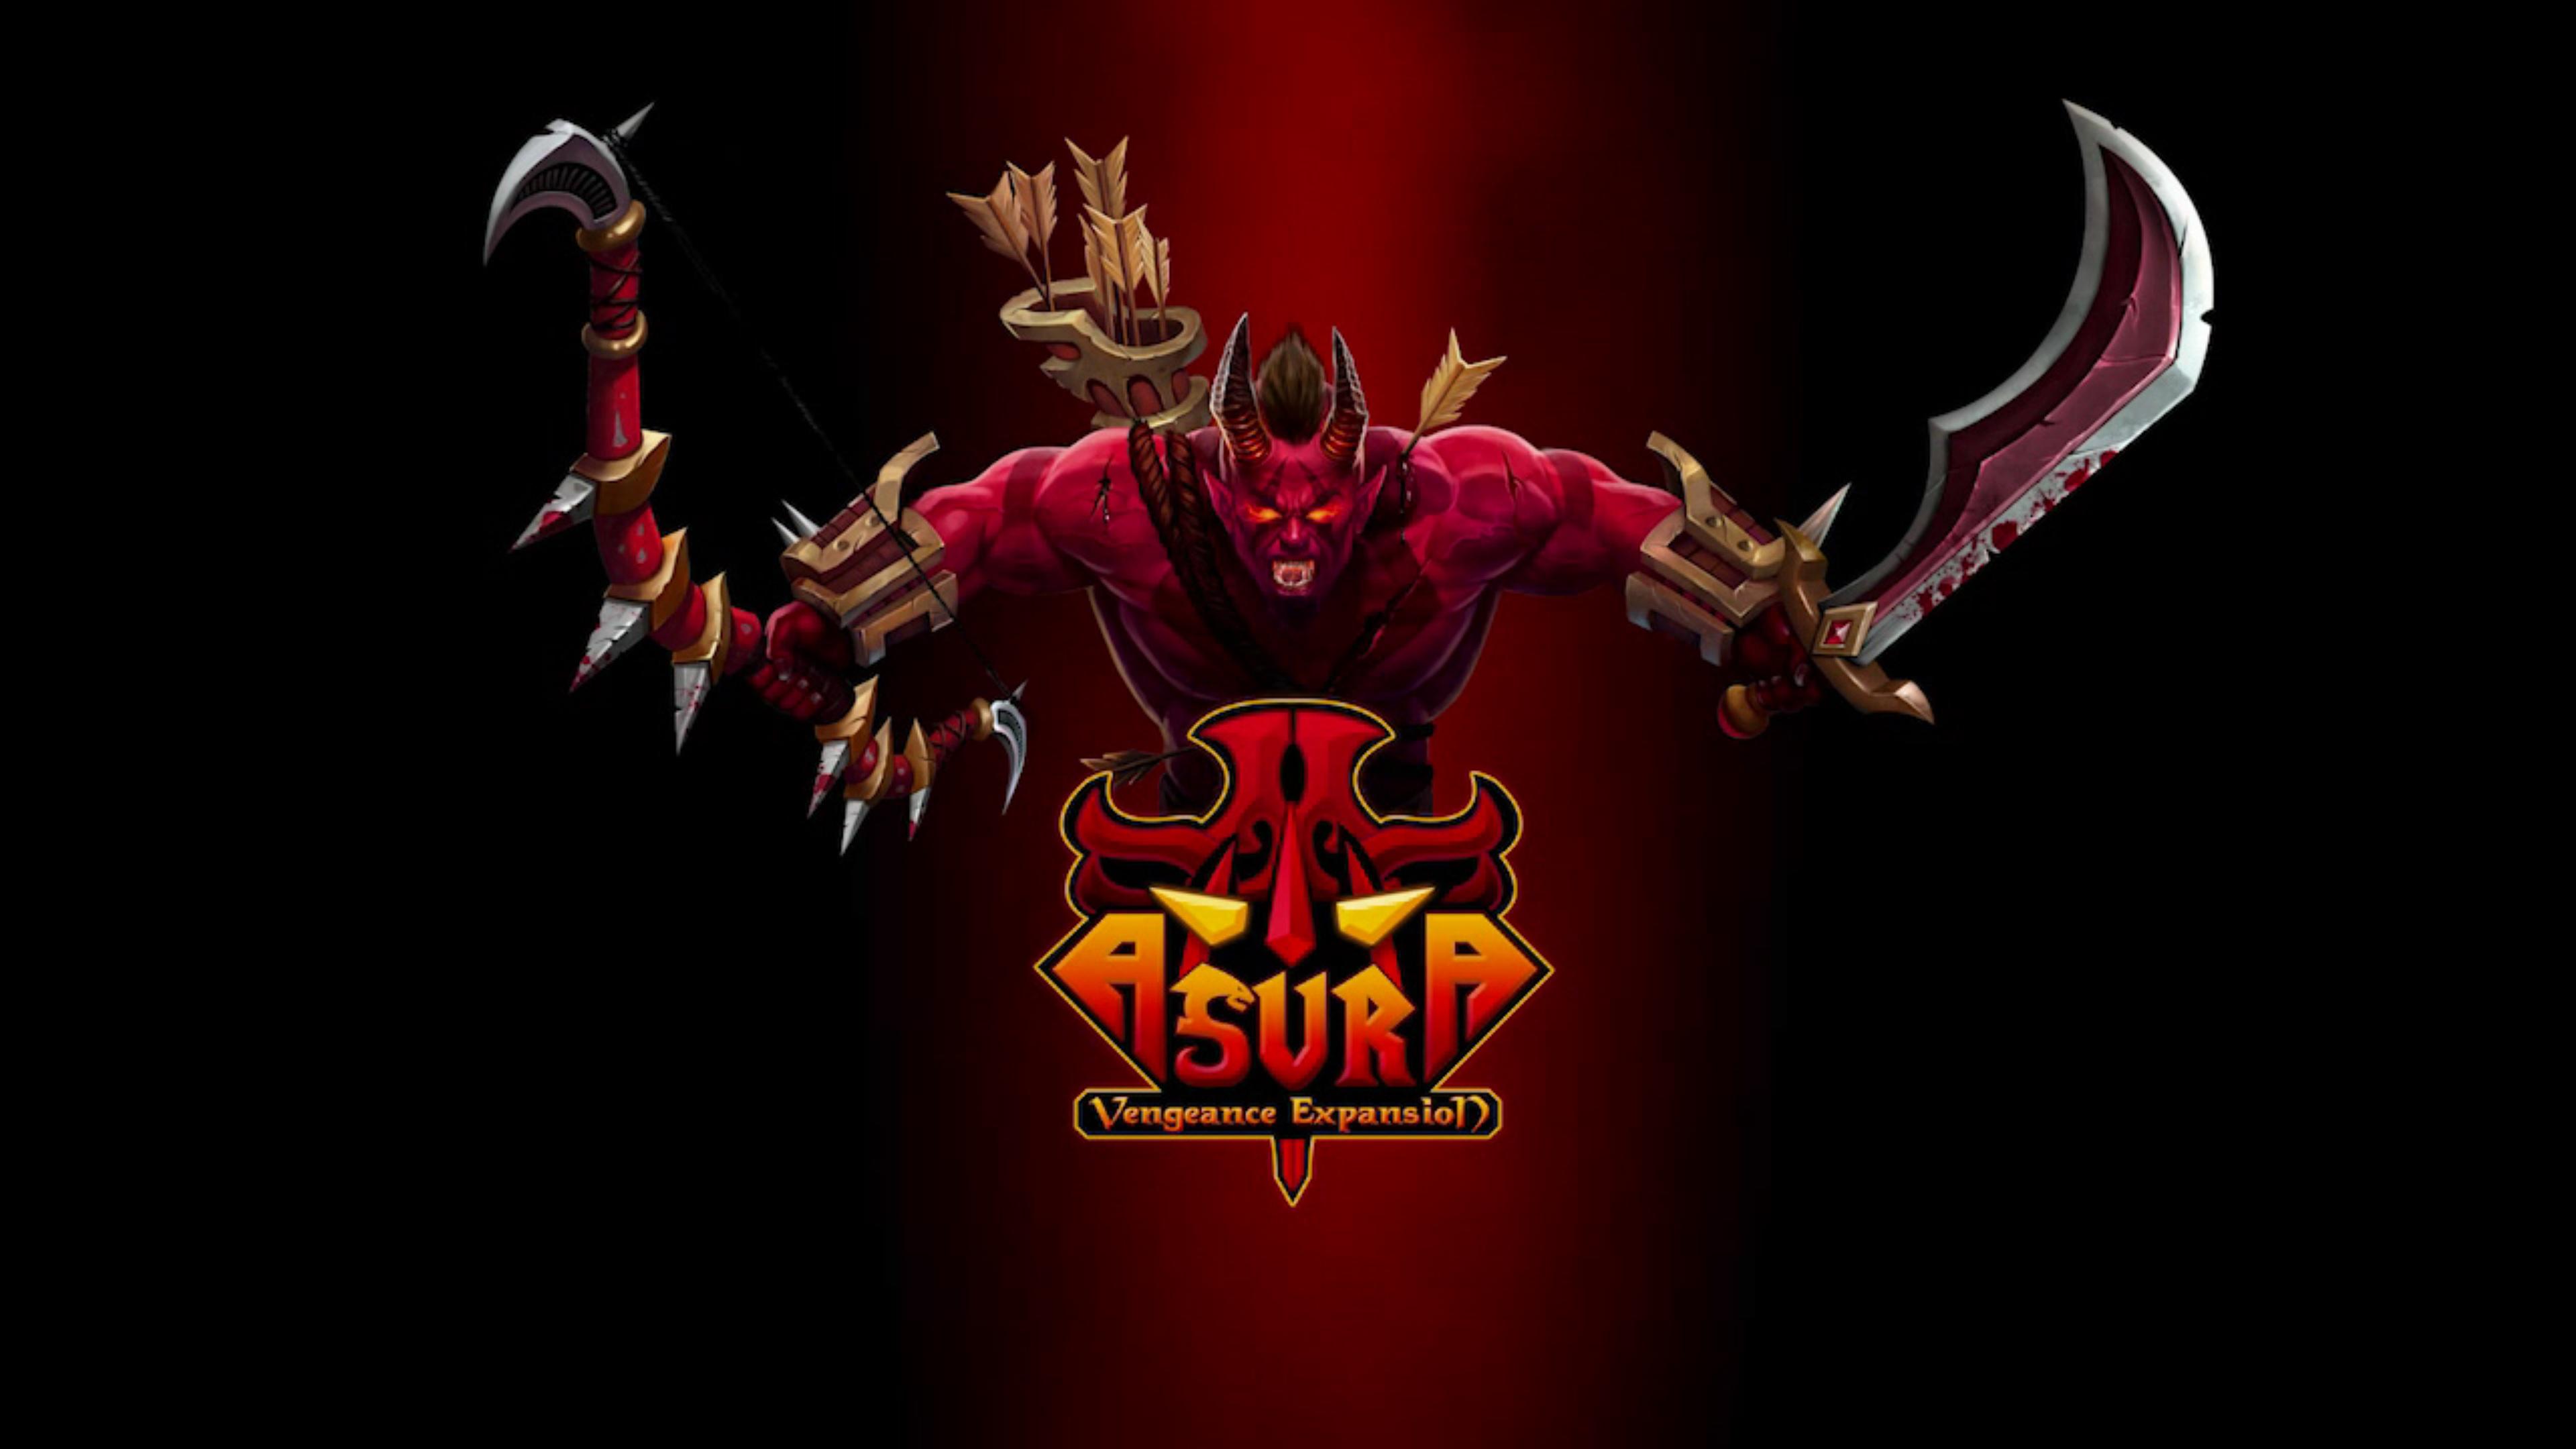 Обзор не найденной игры (ч.56) Asura: Vengeance Expansion. - Изображение 1